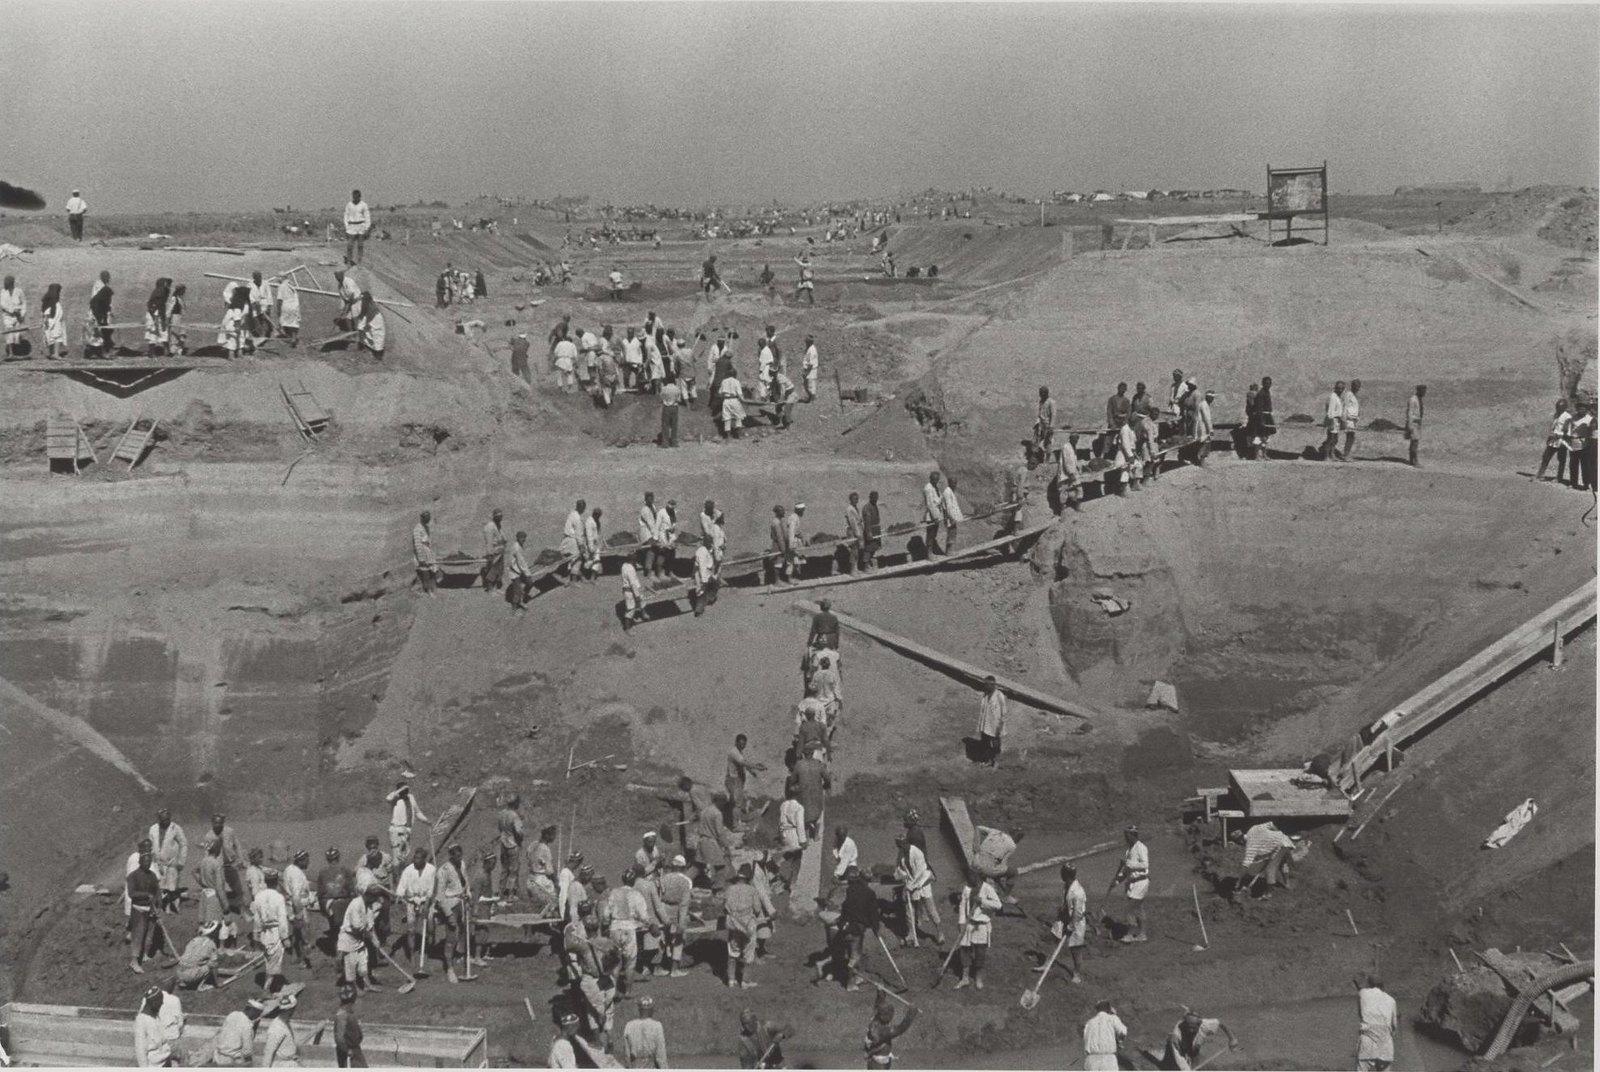 1939. Большой Ферганский канал им. Сталина. Строительный пейзаж